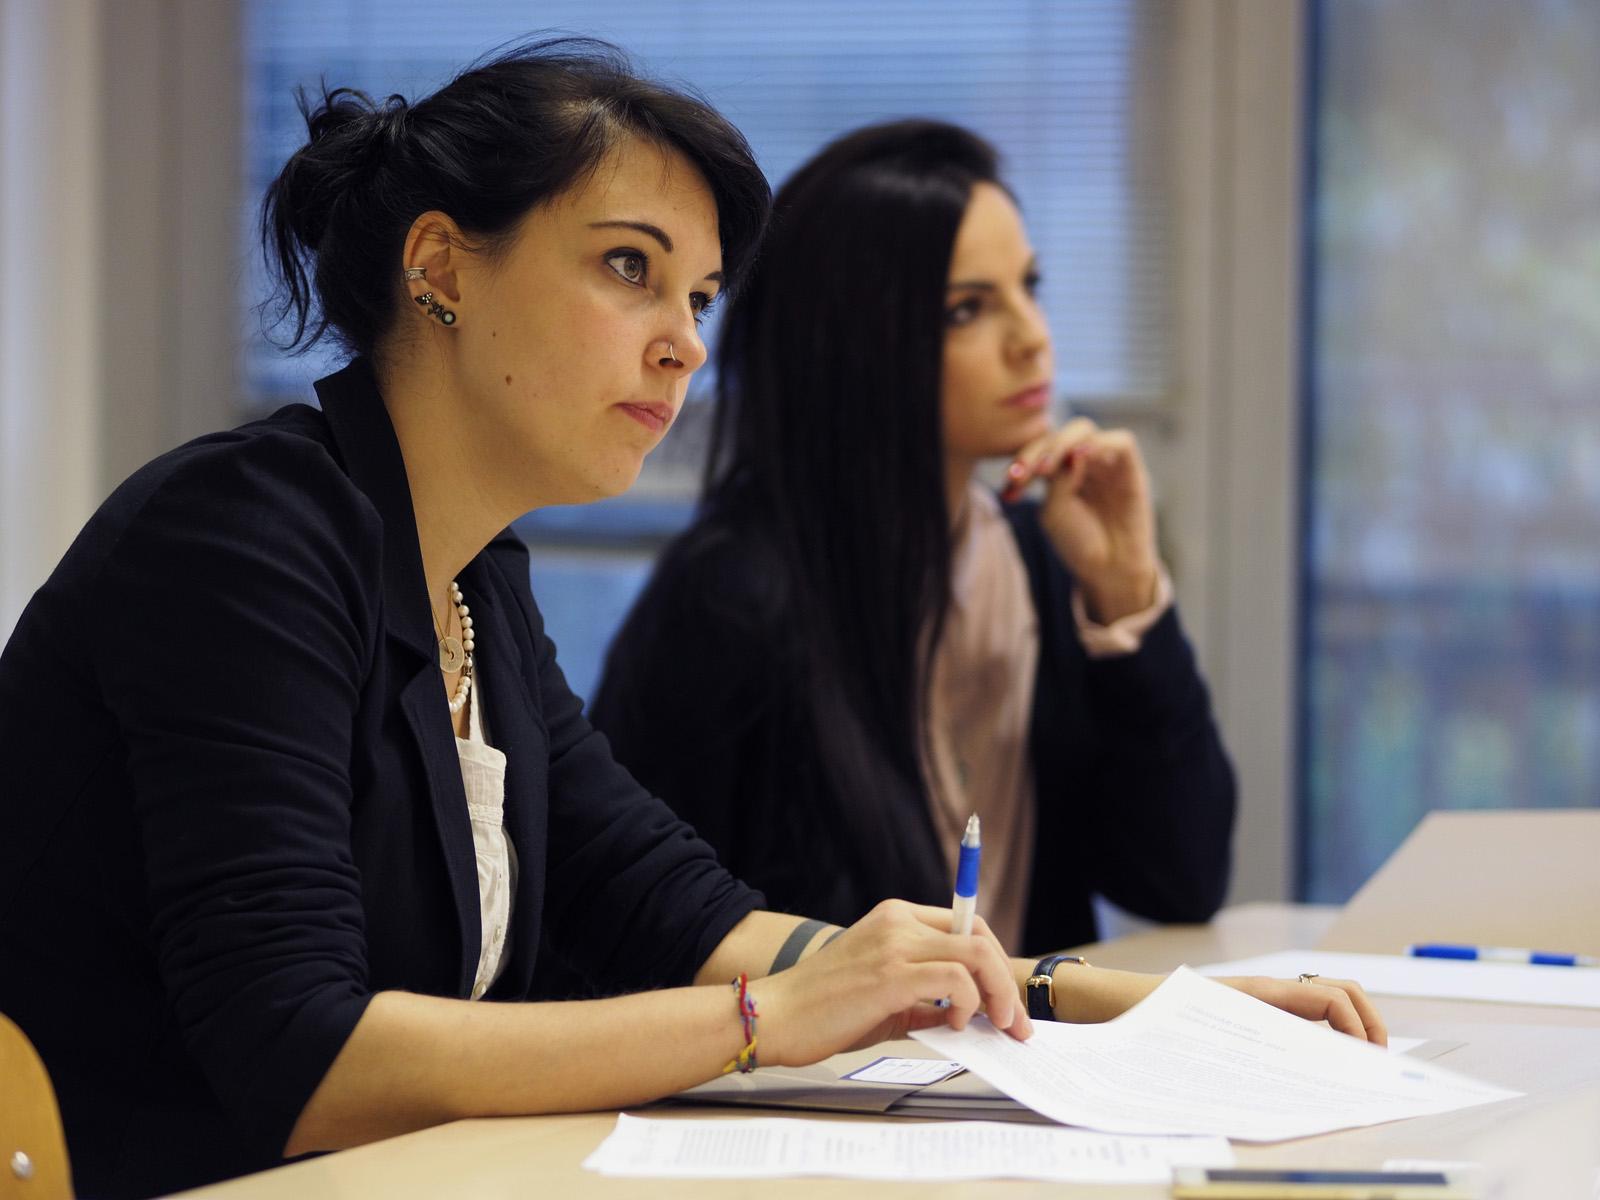 Accademia d'Impresa Trento Trentino formazione corsi